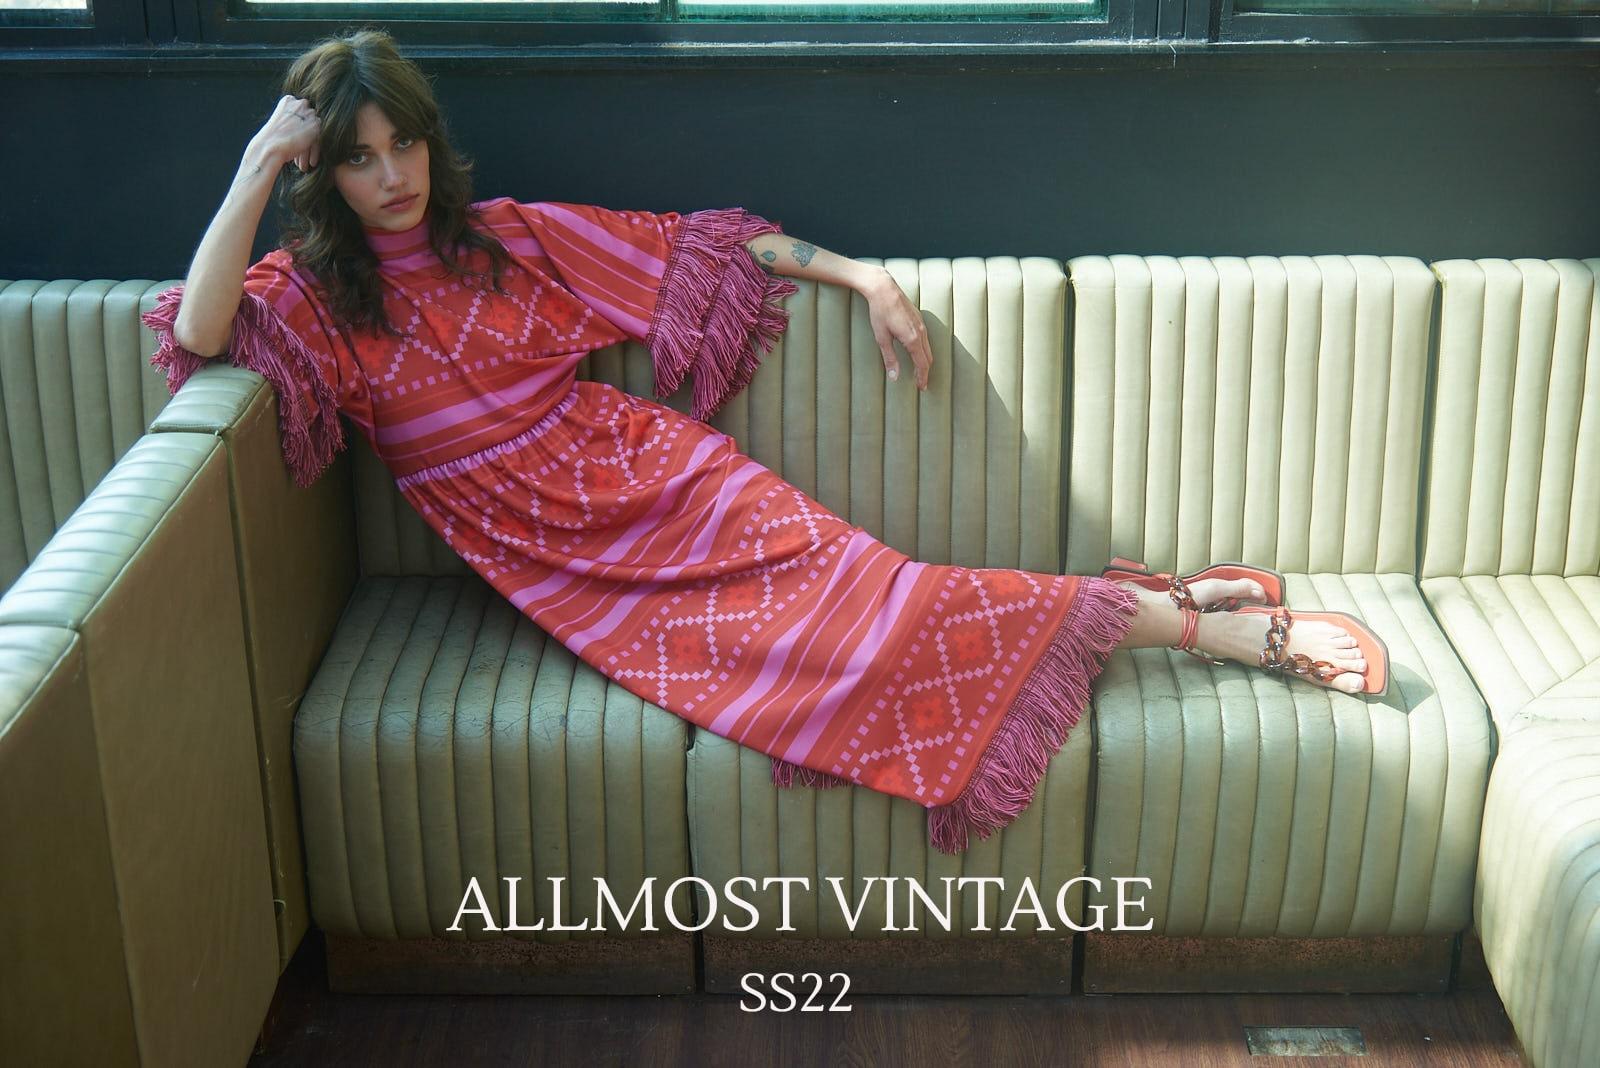 allmost-vintage